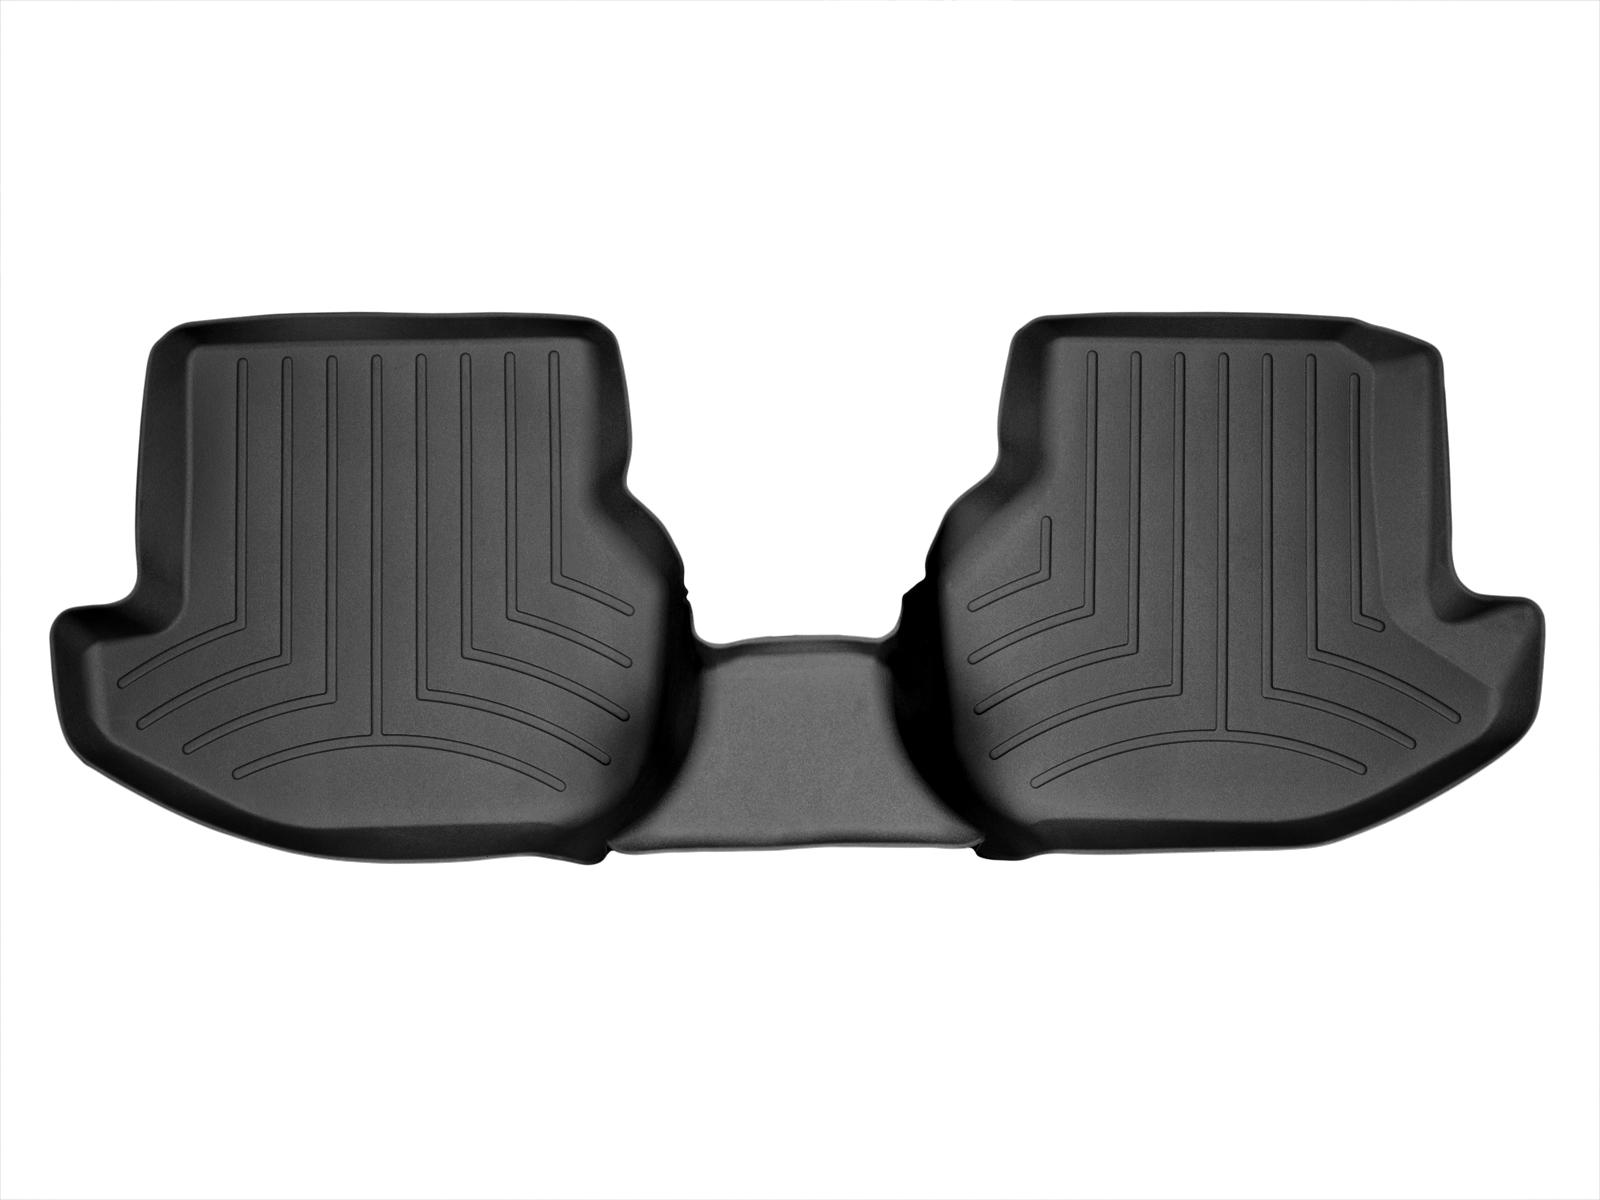 Tappeti gomma su misura bordo alto Volkswagen Eos 07>16 Nero A4012*